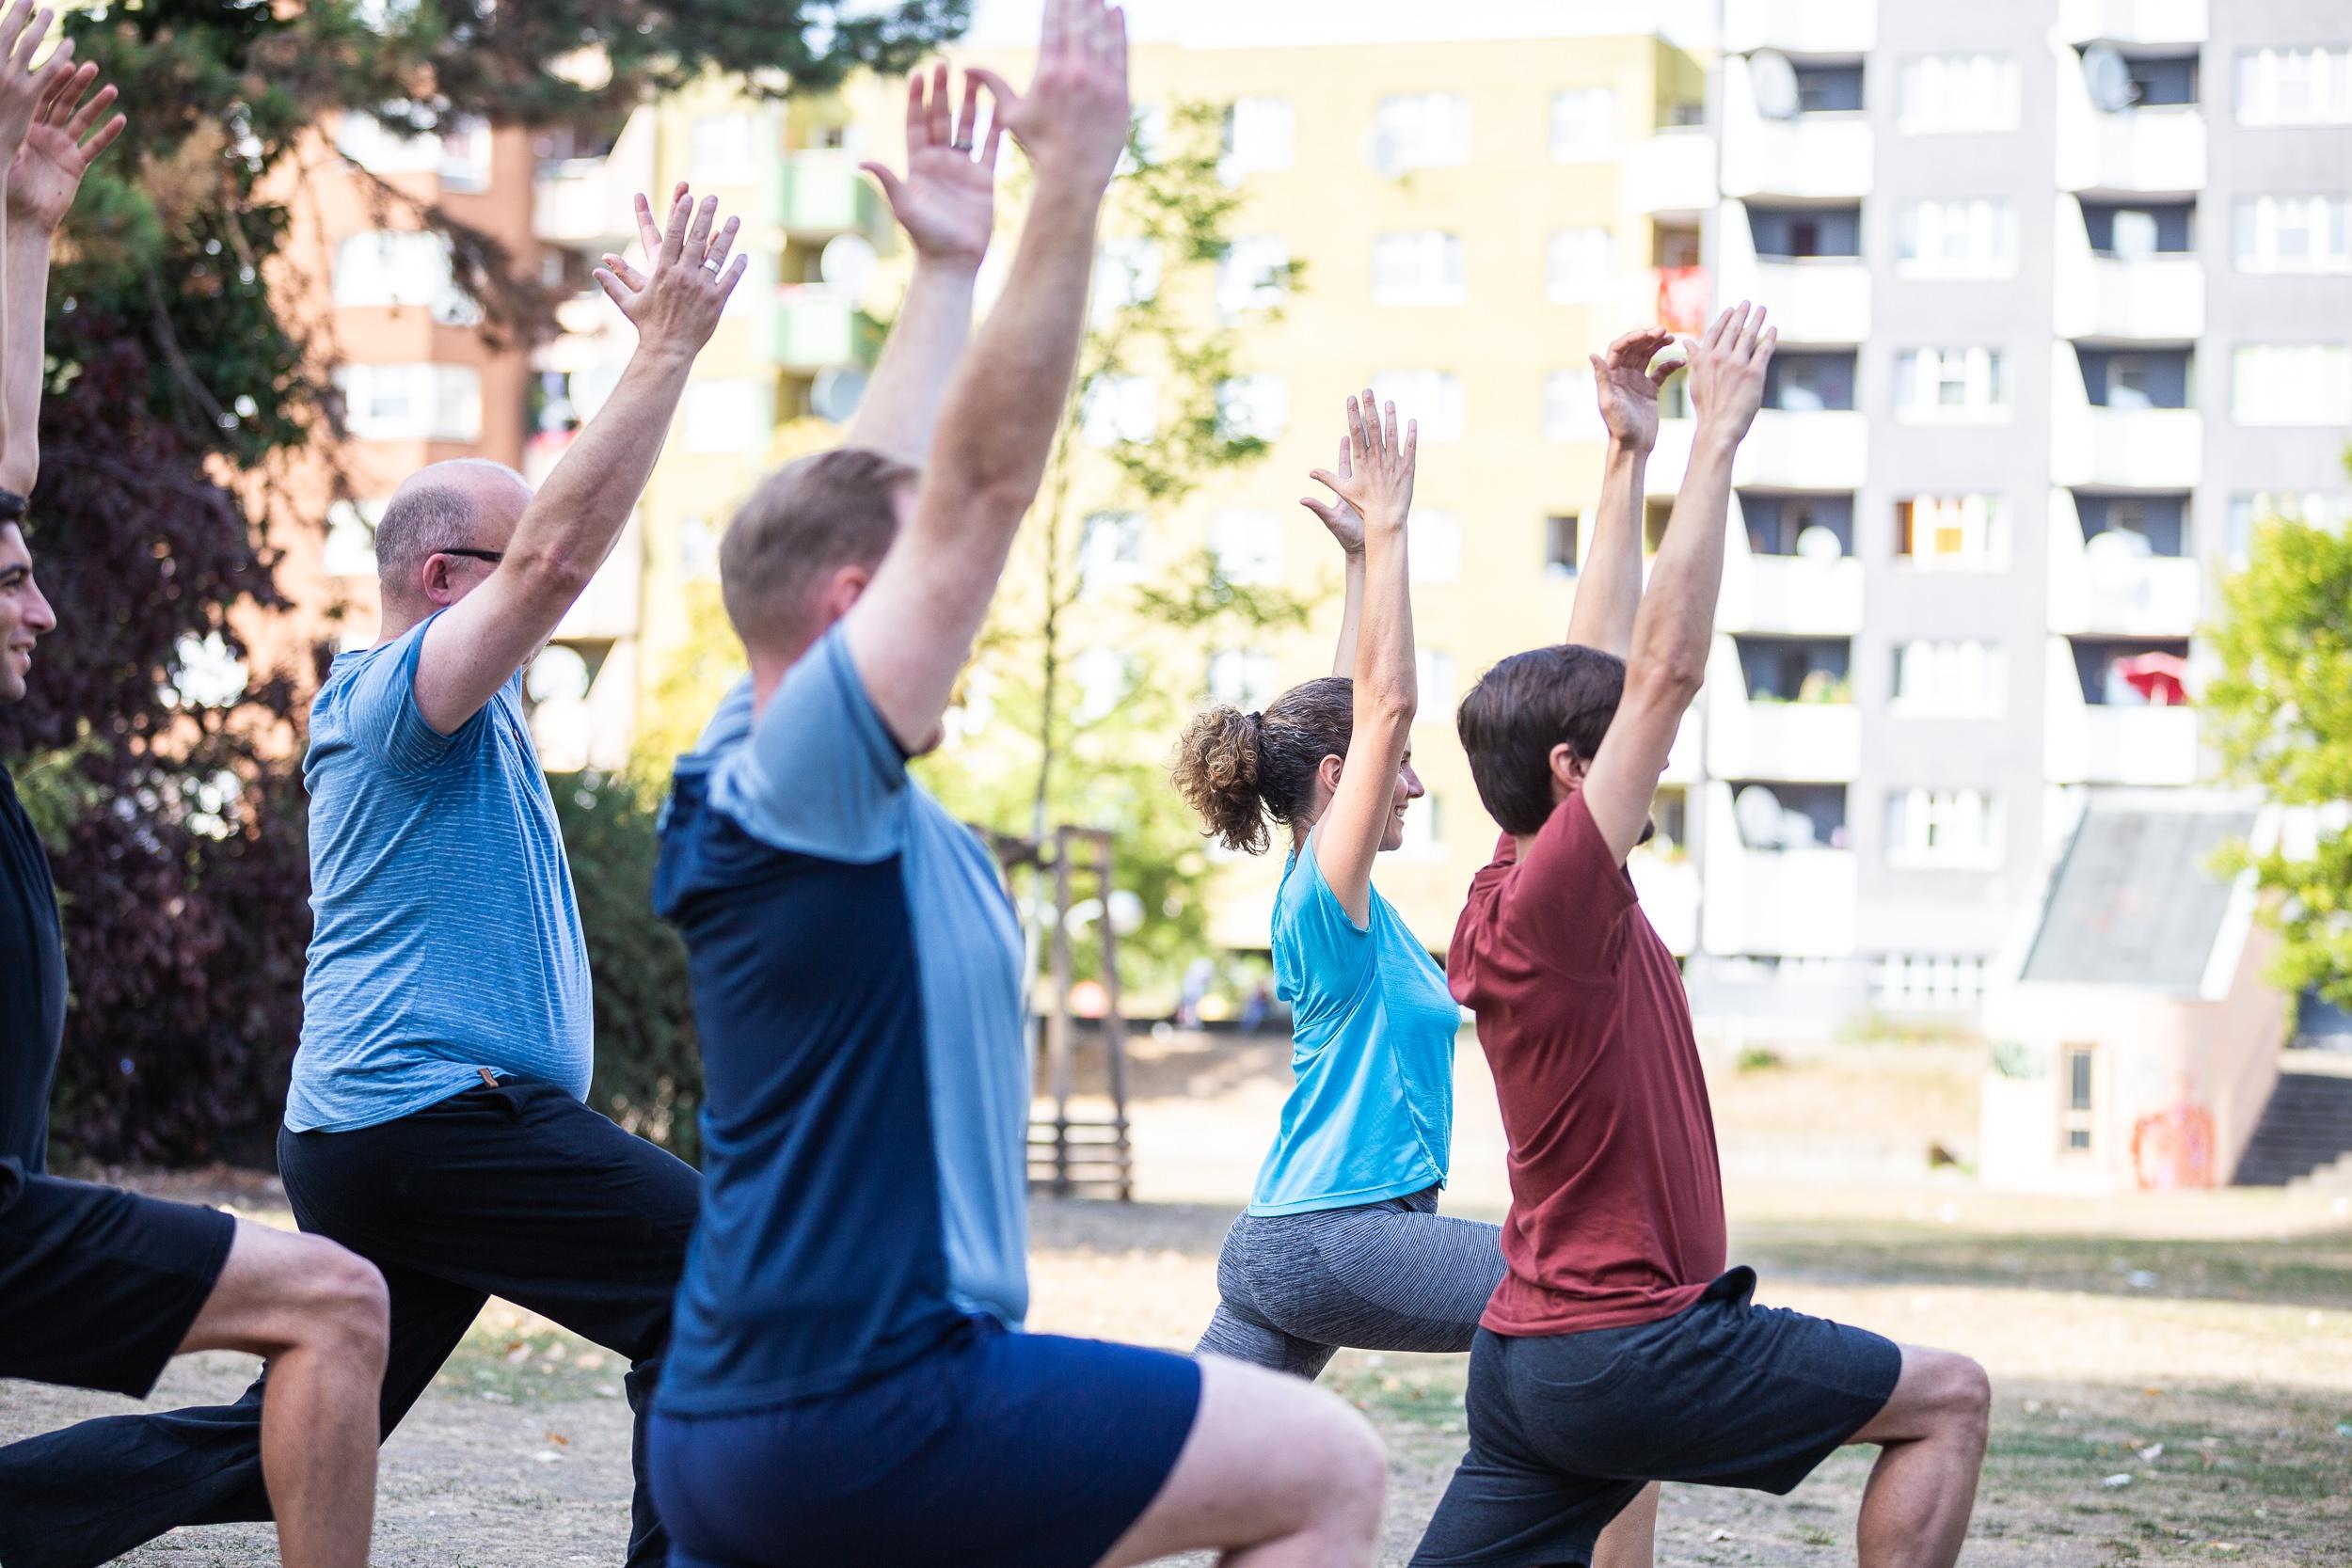 Stadtbewegung Menschen beim Sport im Park Yoga